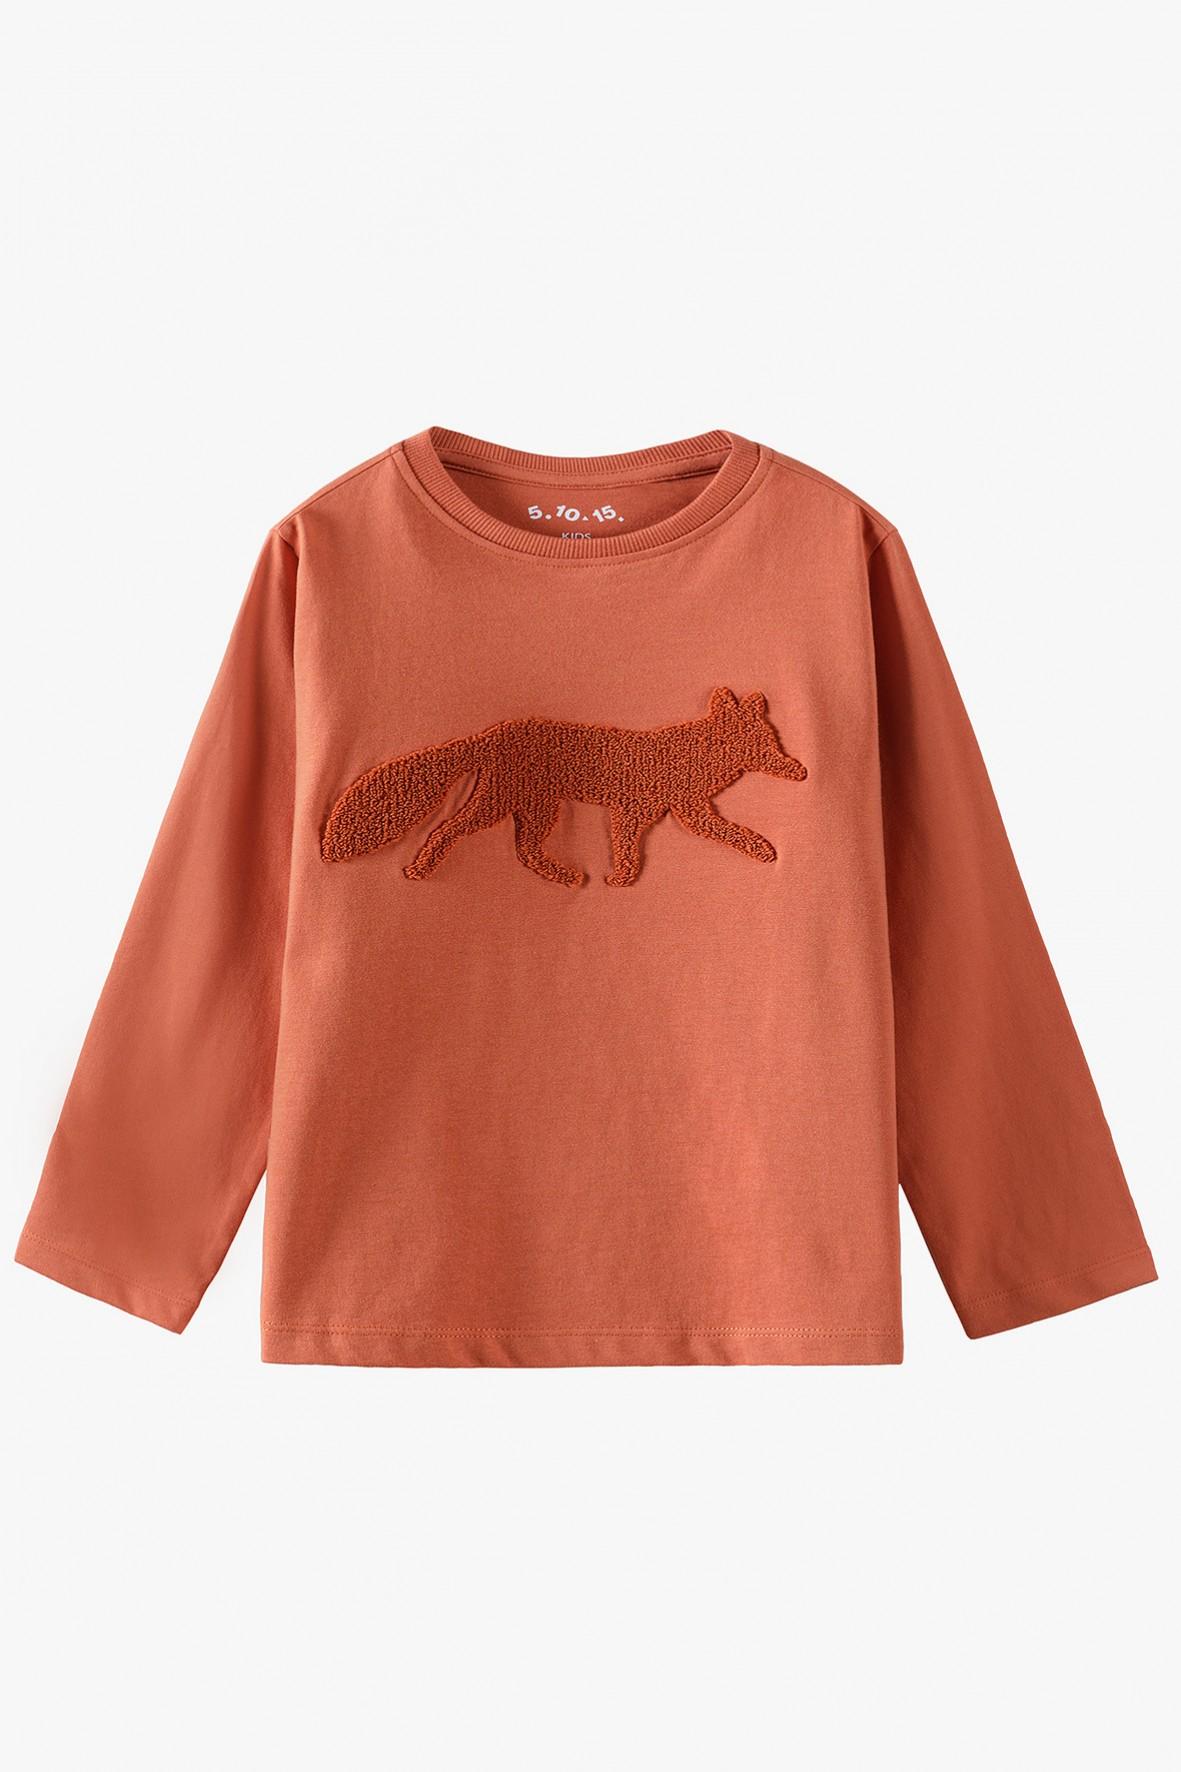 Bluzka chłopięca pomarańczowa z lisem - długim rękawem